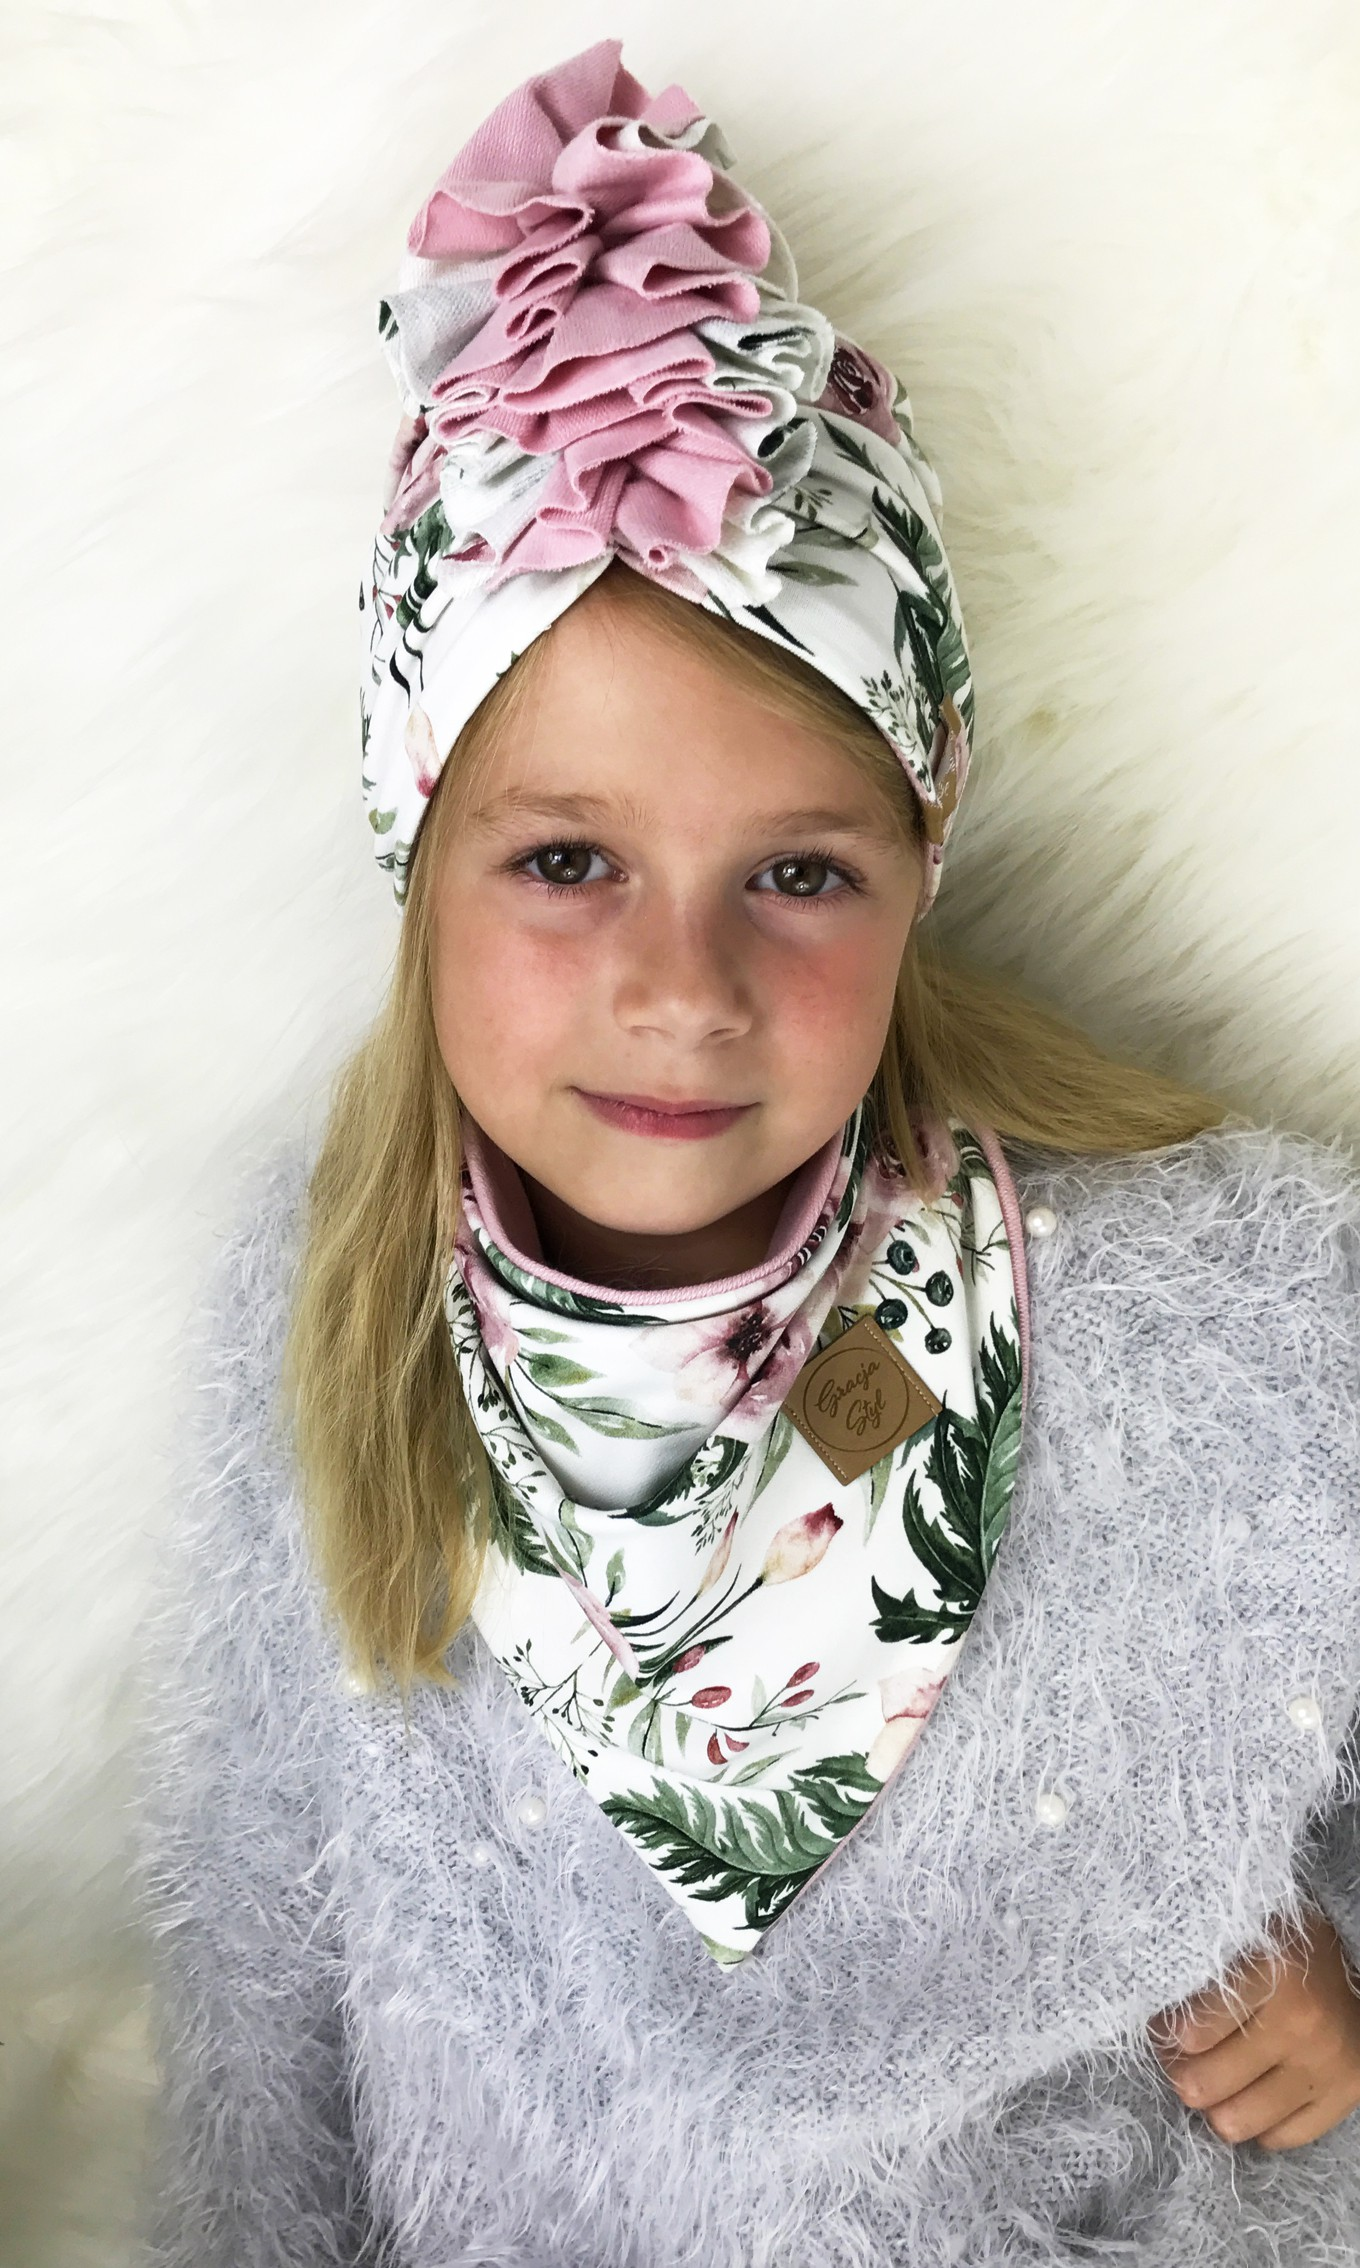 Zestaw Turban + Chusta dla dzieci duo kolor garden+ pudrowy róż